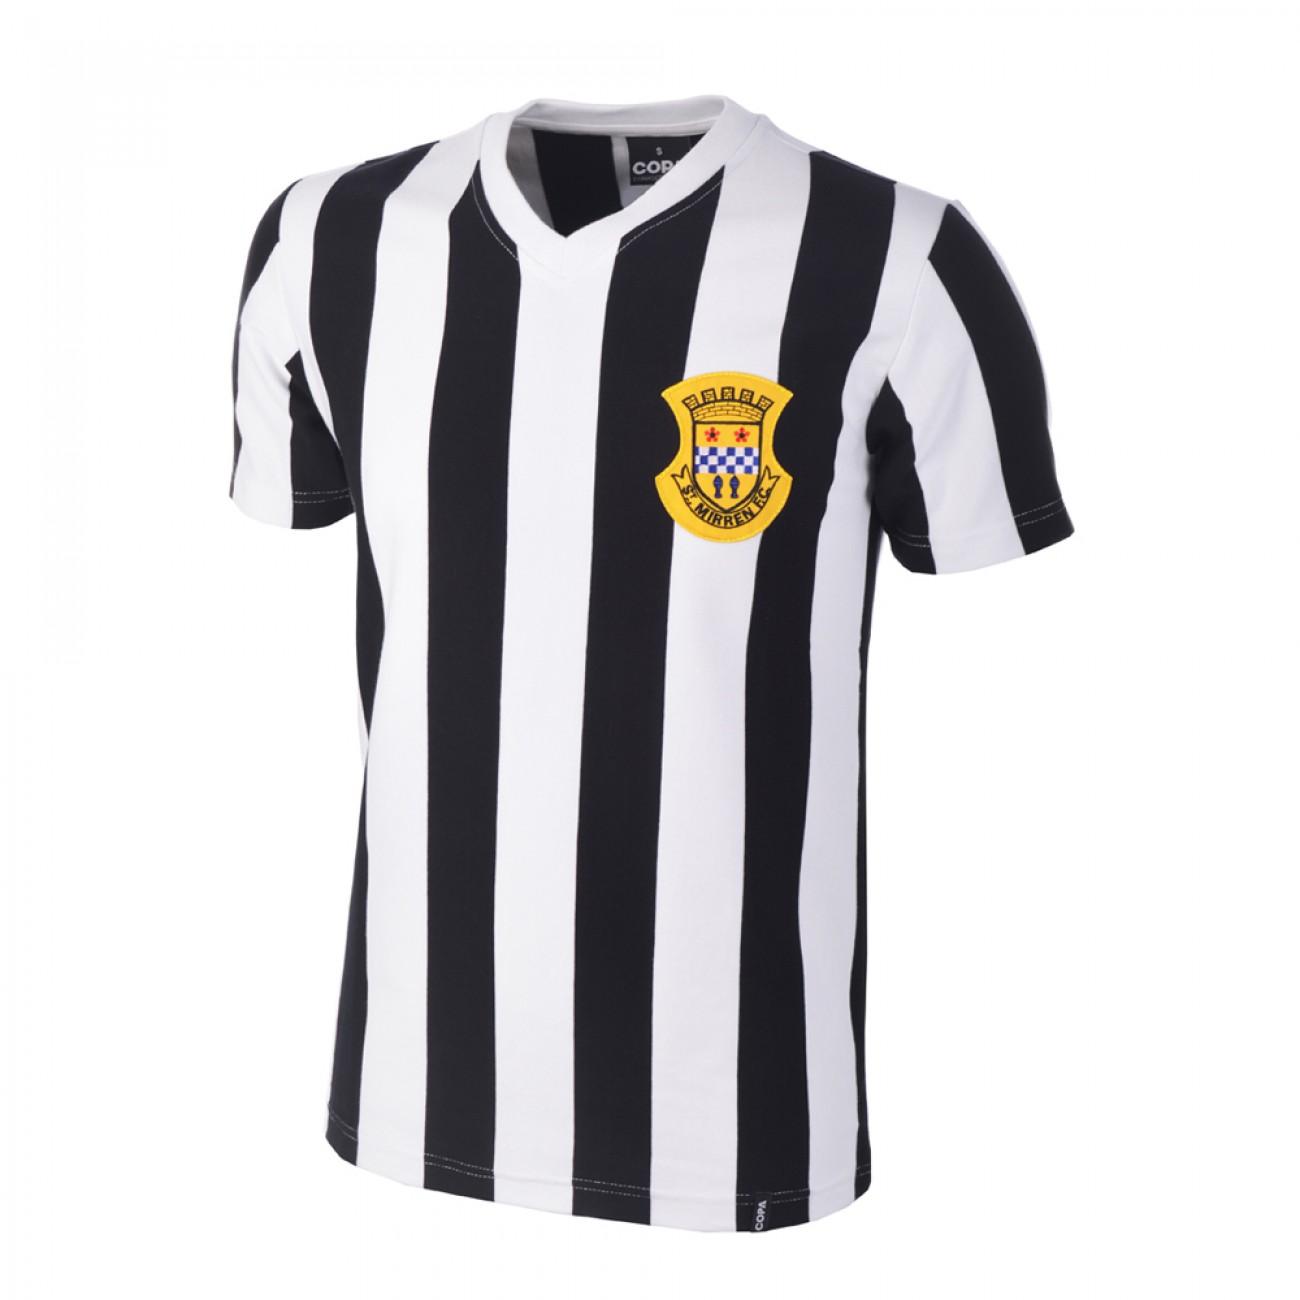 http://www.retrofootball.es/ropa-de-futbol/camiseta-st-mirren-1959.html